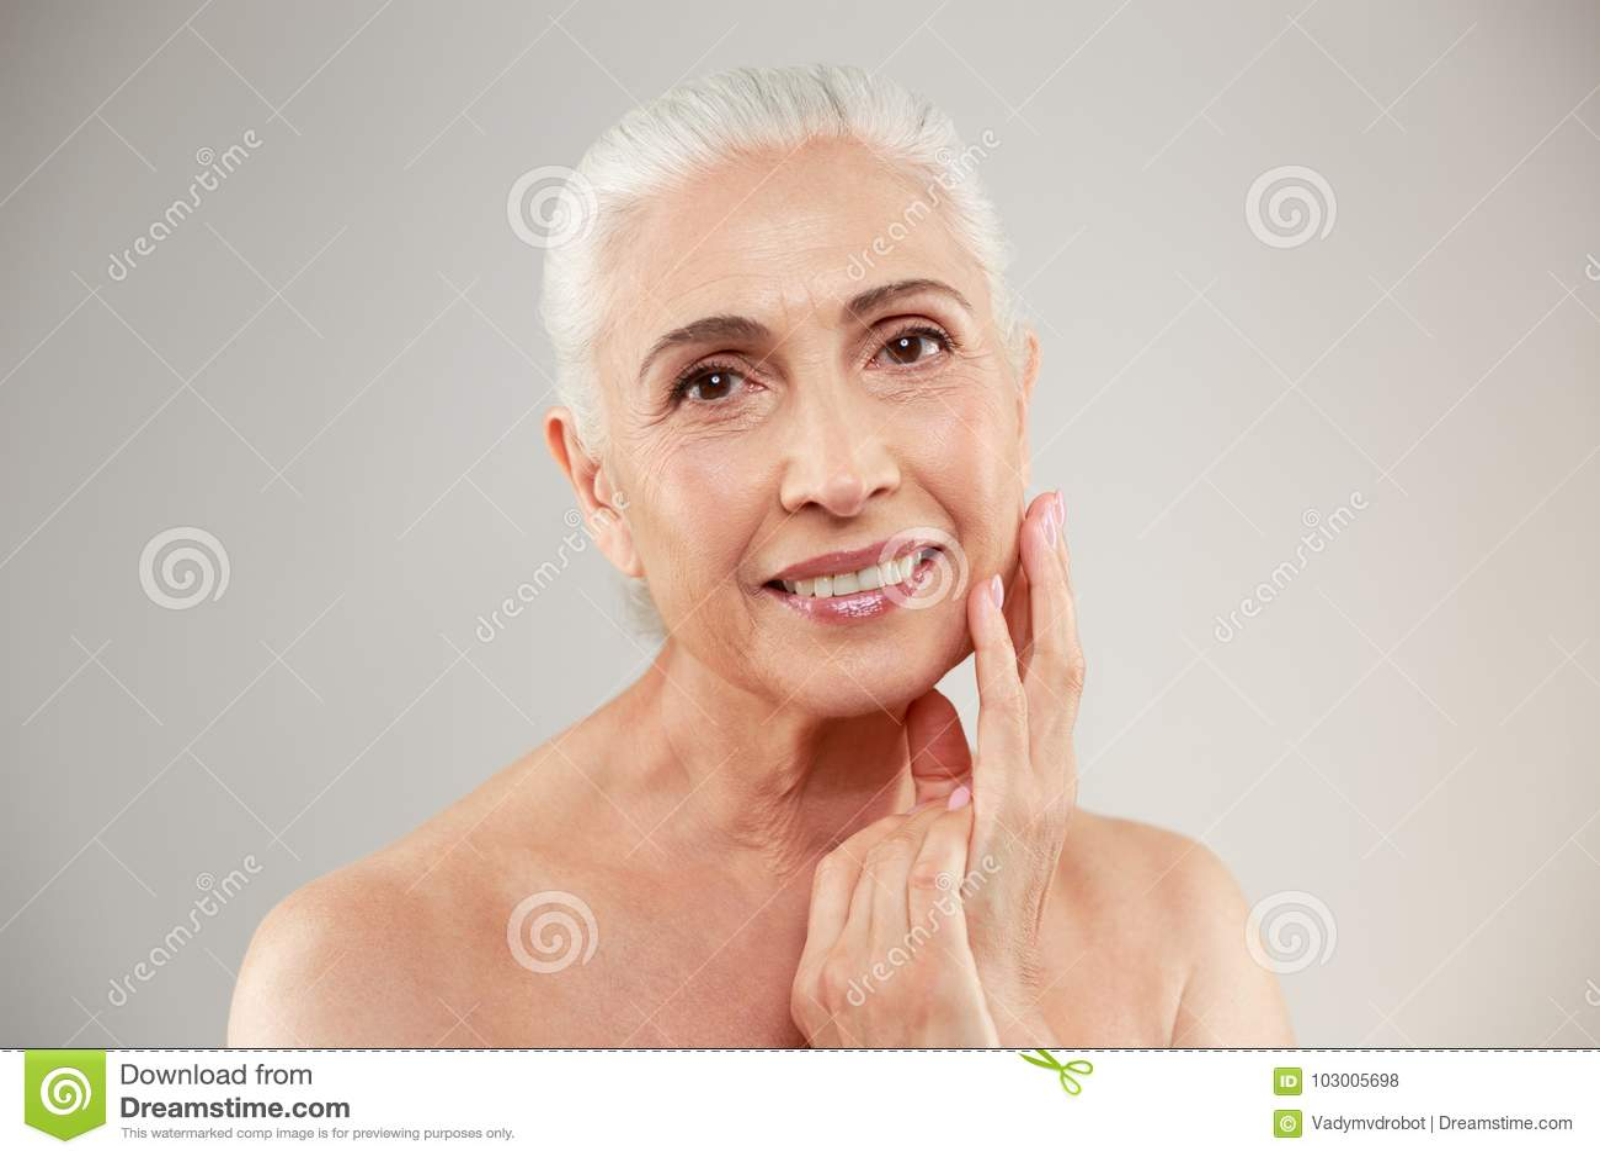 Naked elderly